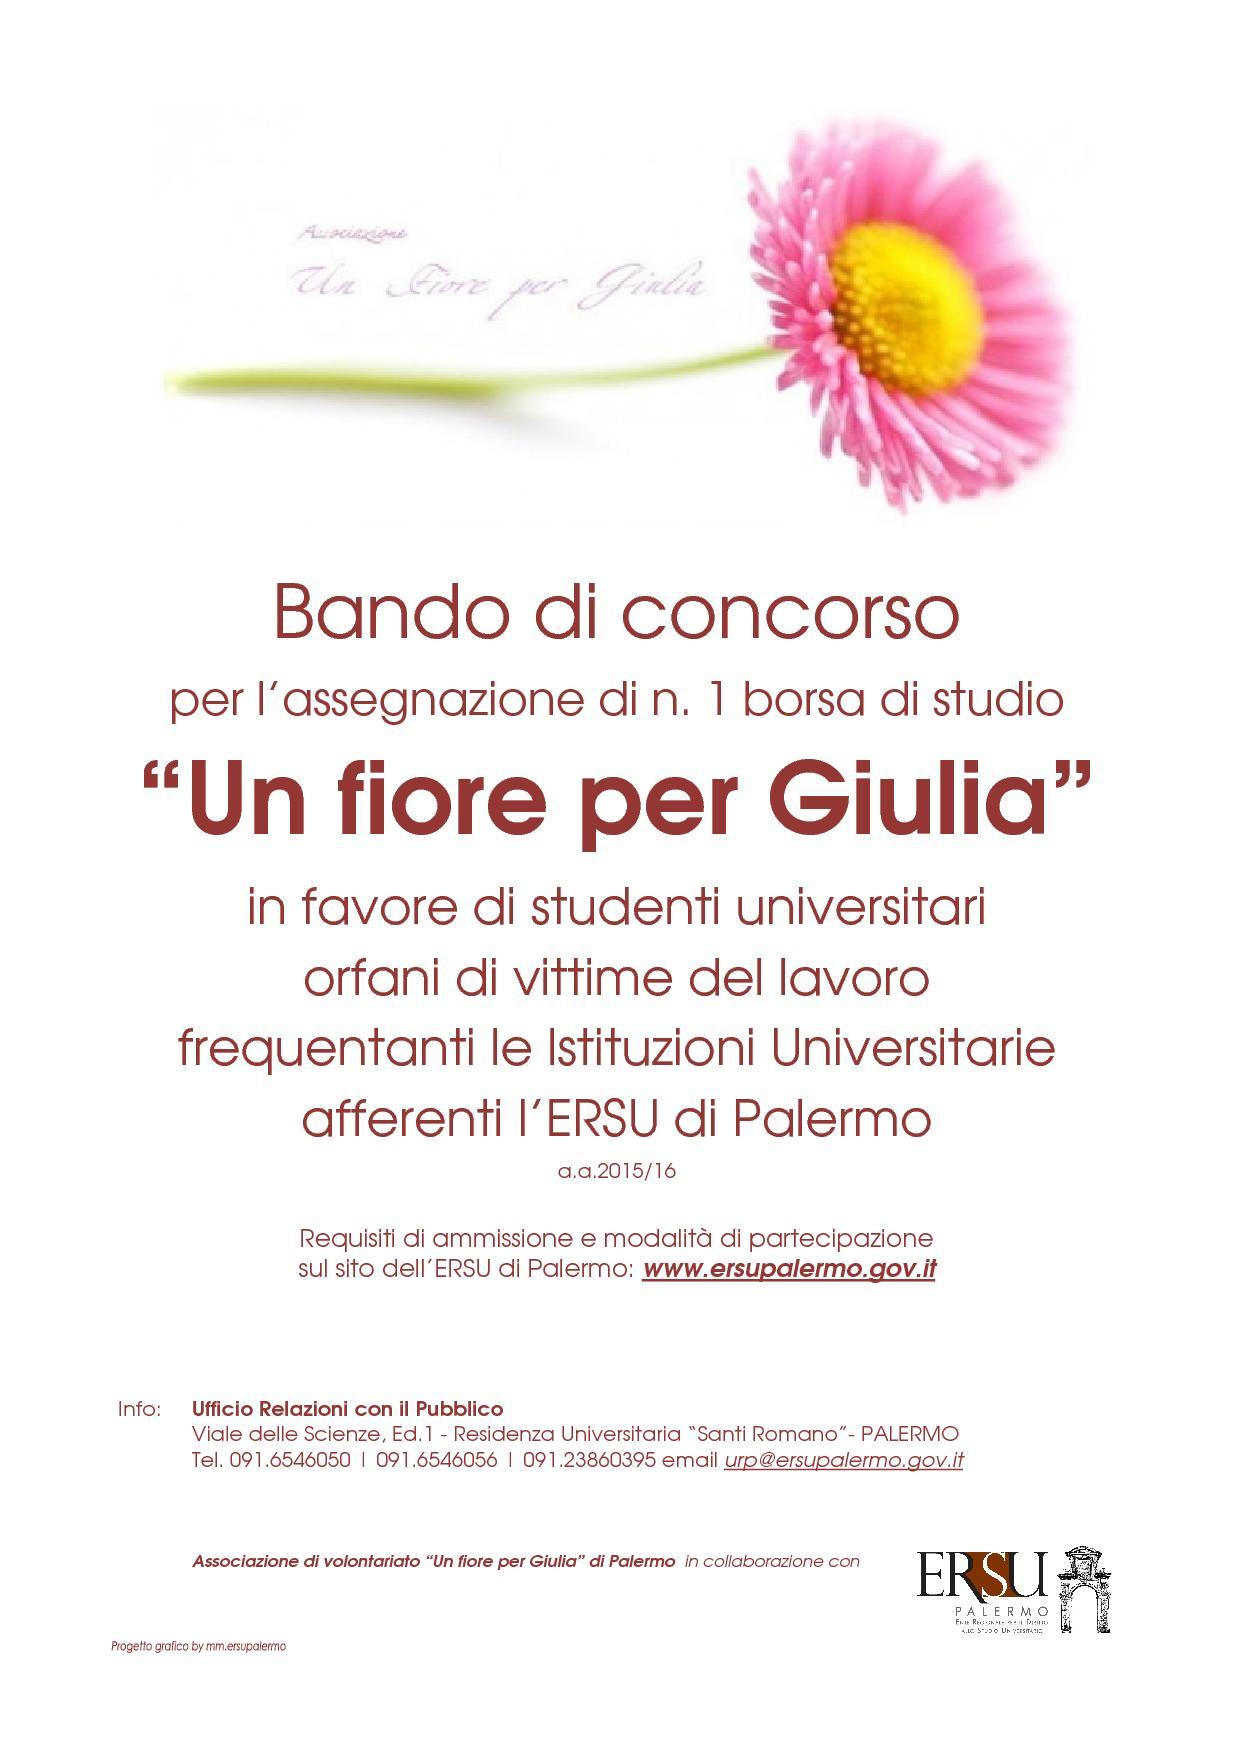 """Bando di concorso per l'assegnazione di n. 1 borsa di studio """"Un fiore per Giulia"""" in favore di studenti orfani di vittime del lavoro"""